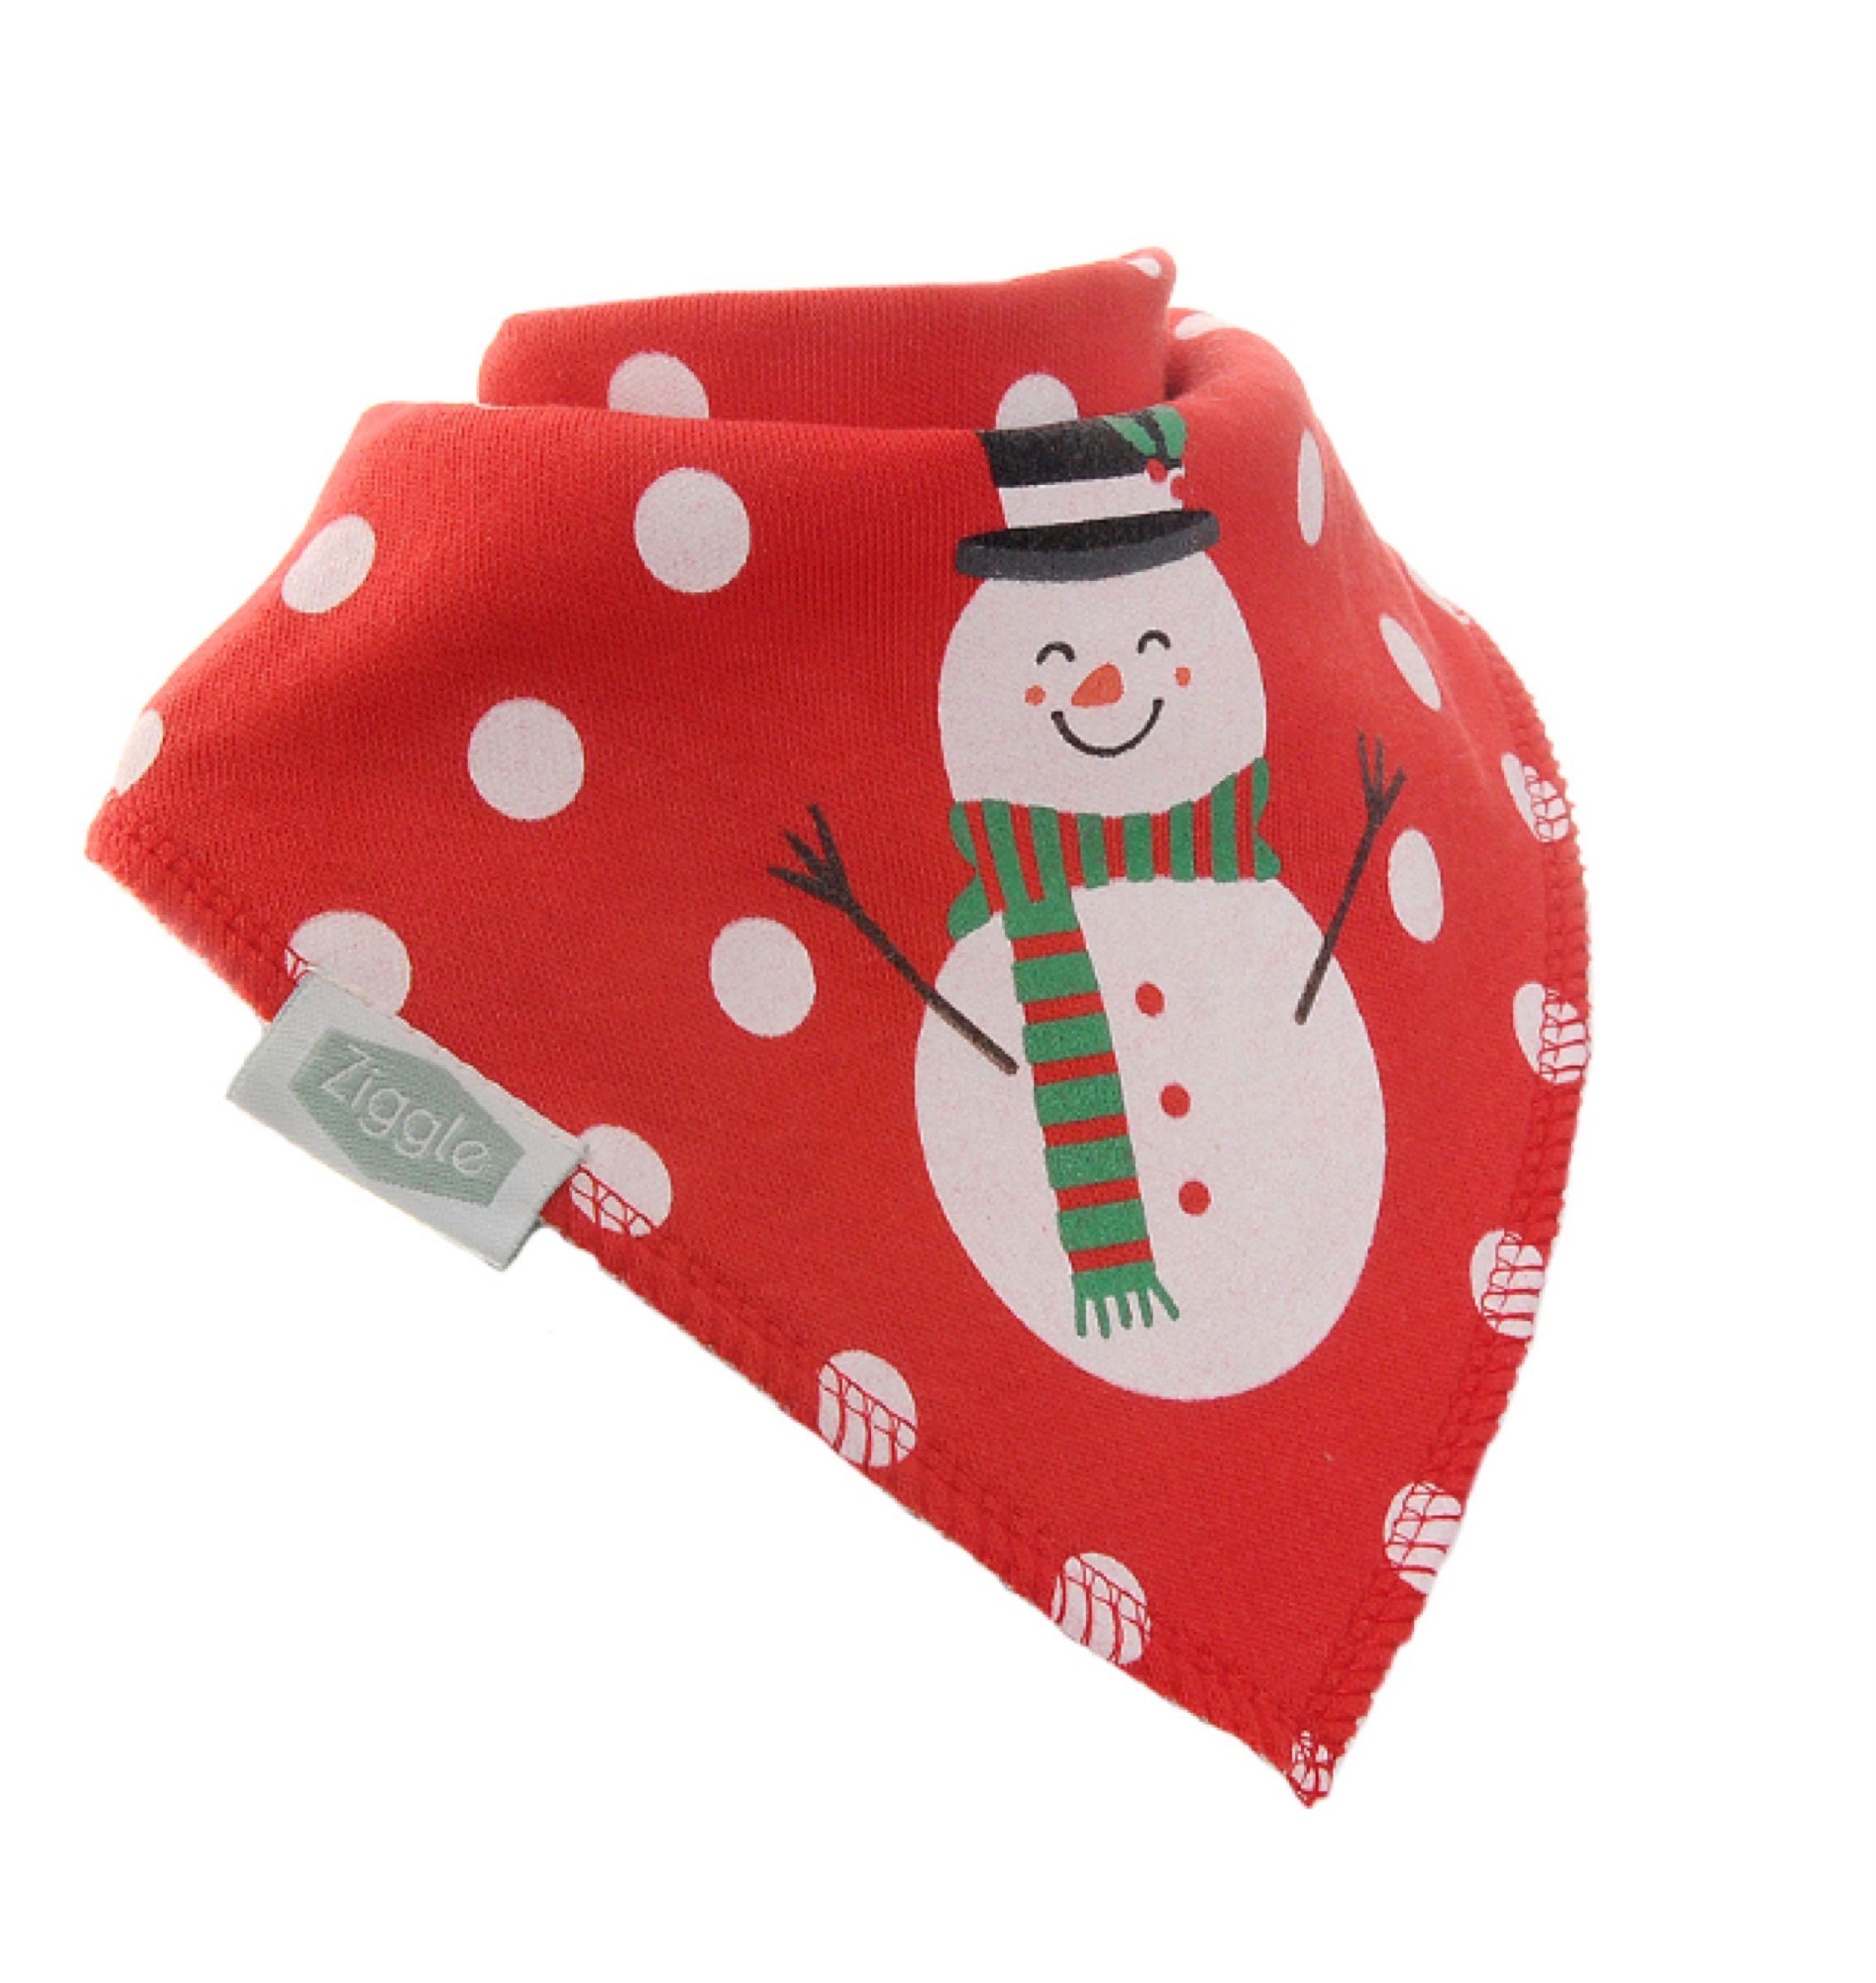 Ziggle Christmas red snowman bandana bib